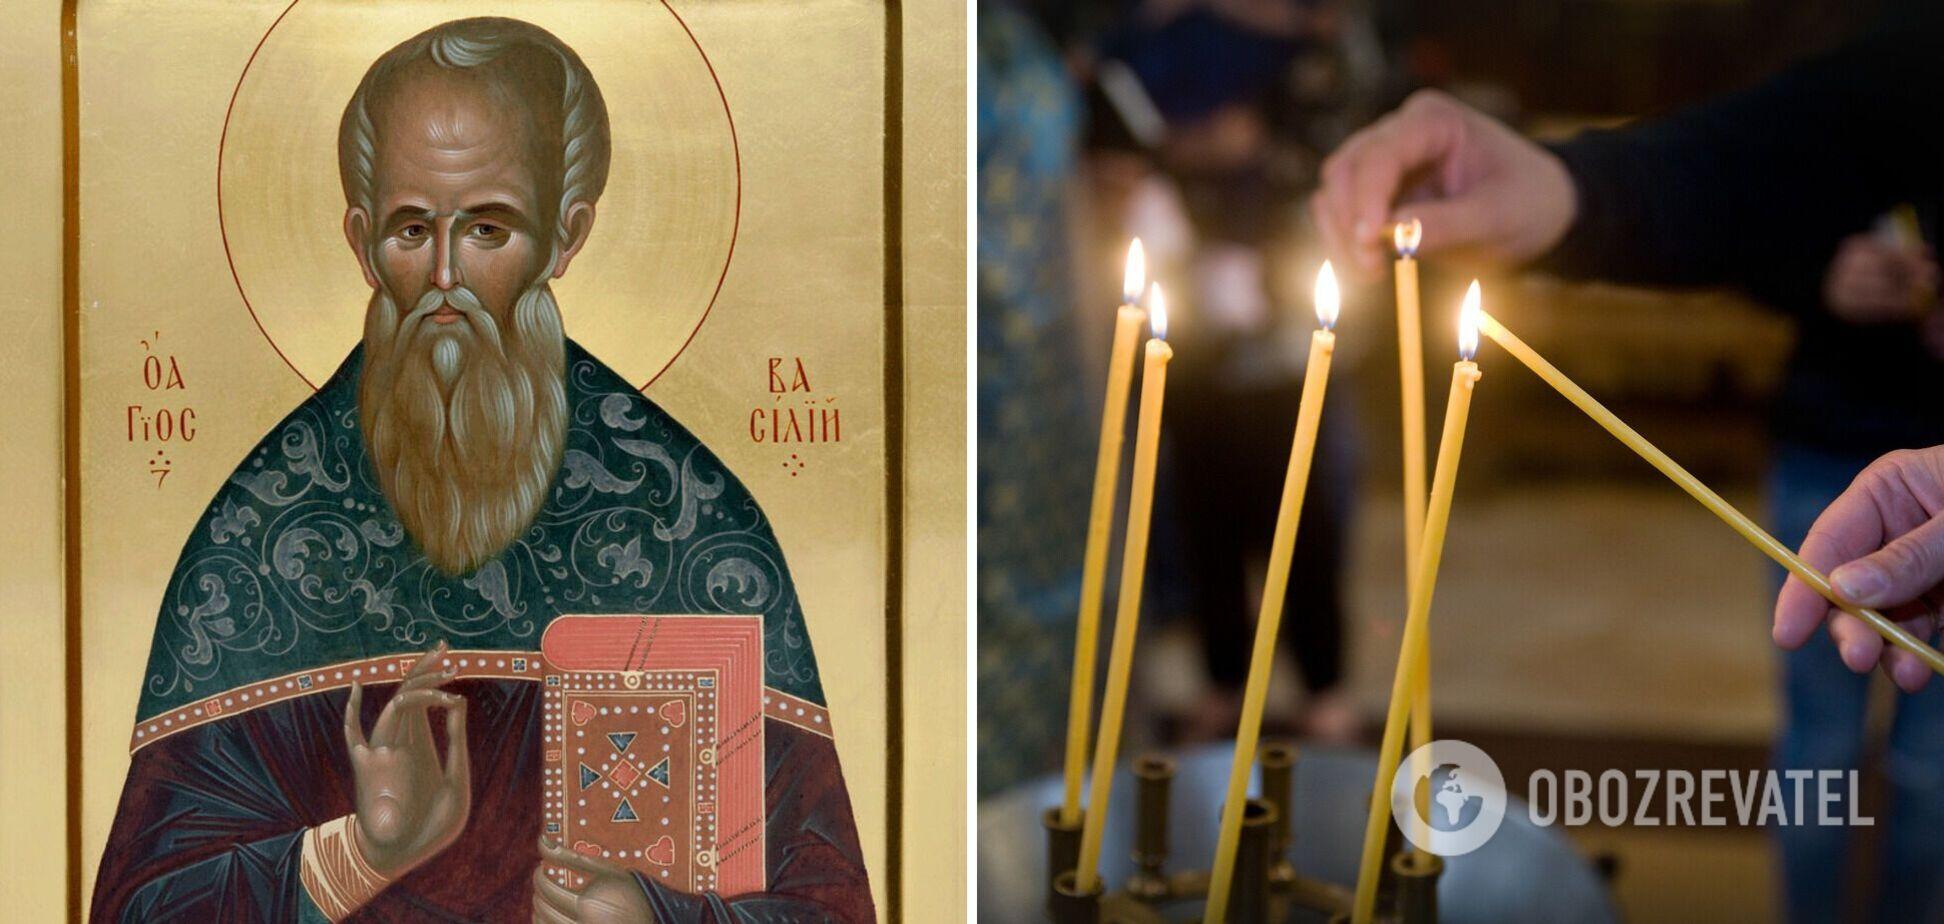 4 квітня церква вшановує пам'ять священномученика Василя Анкірського